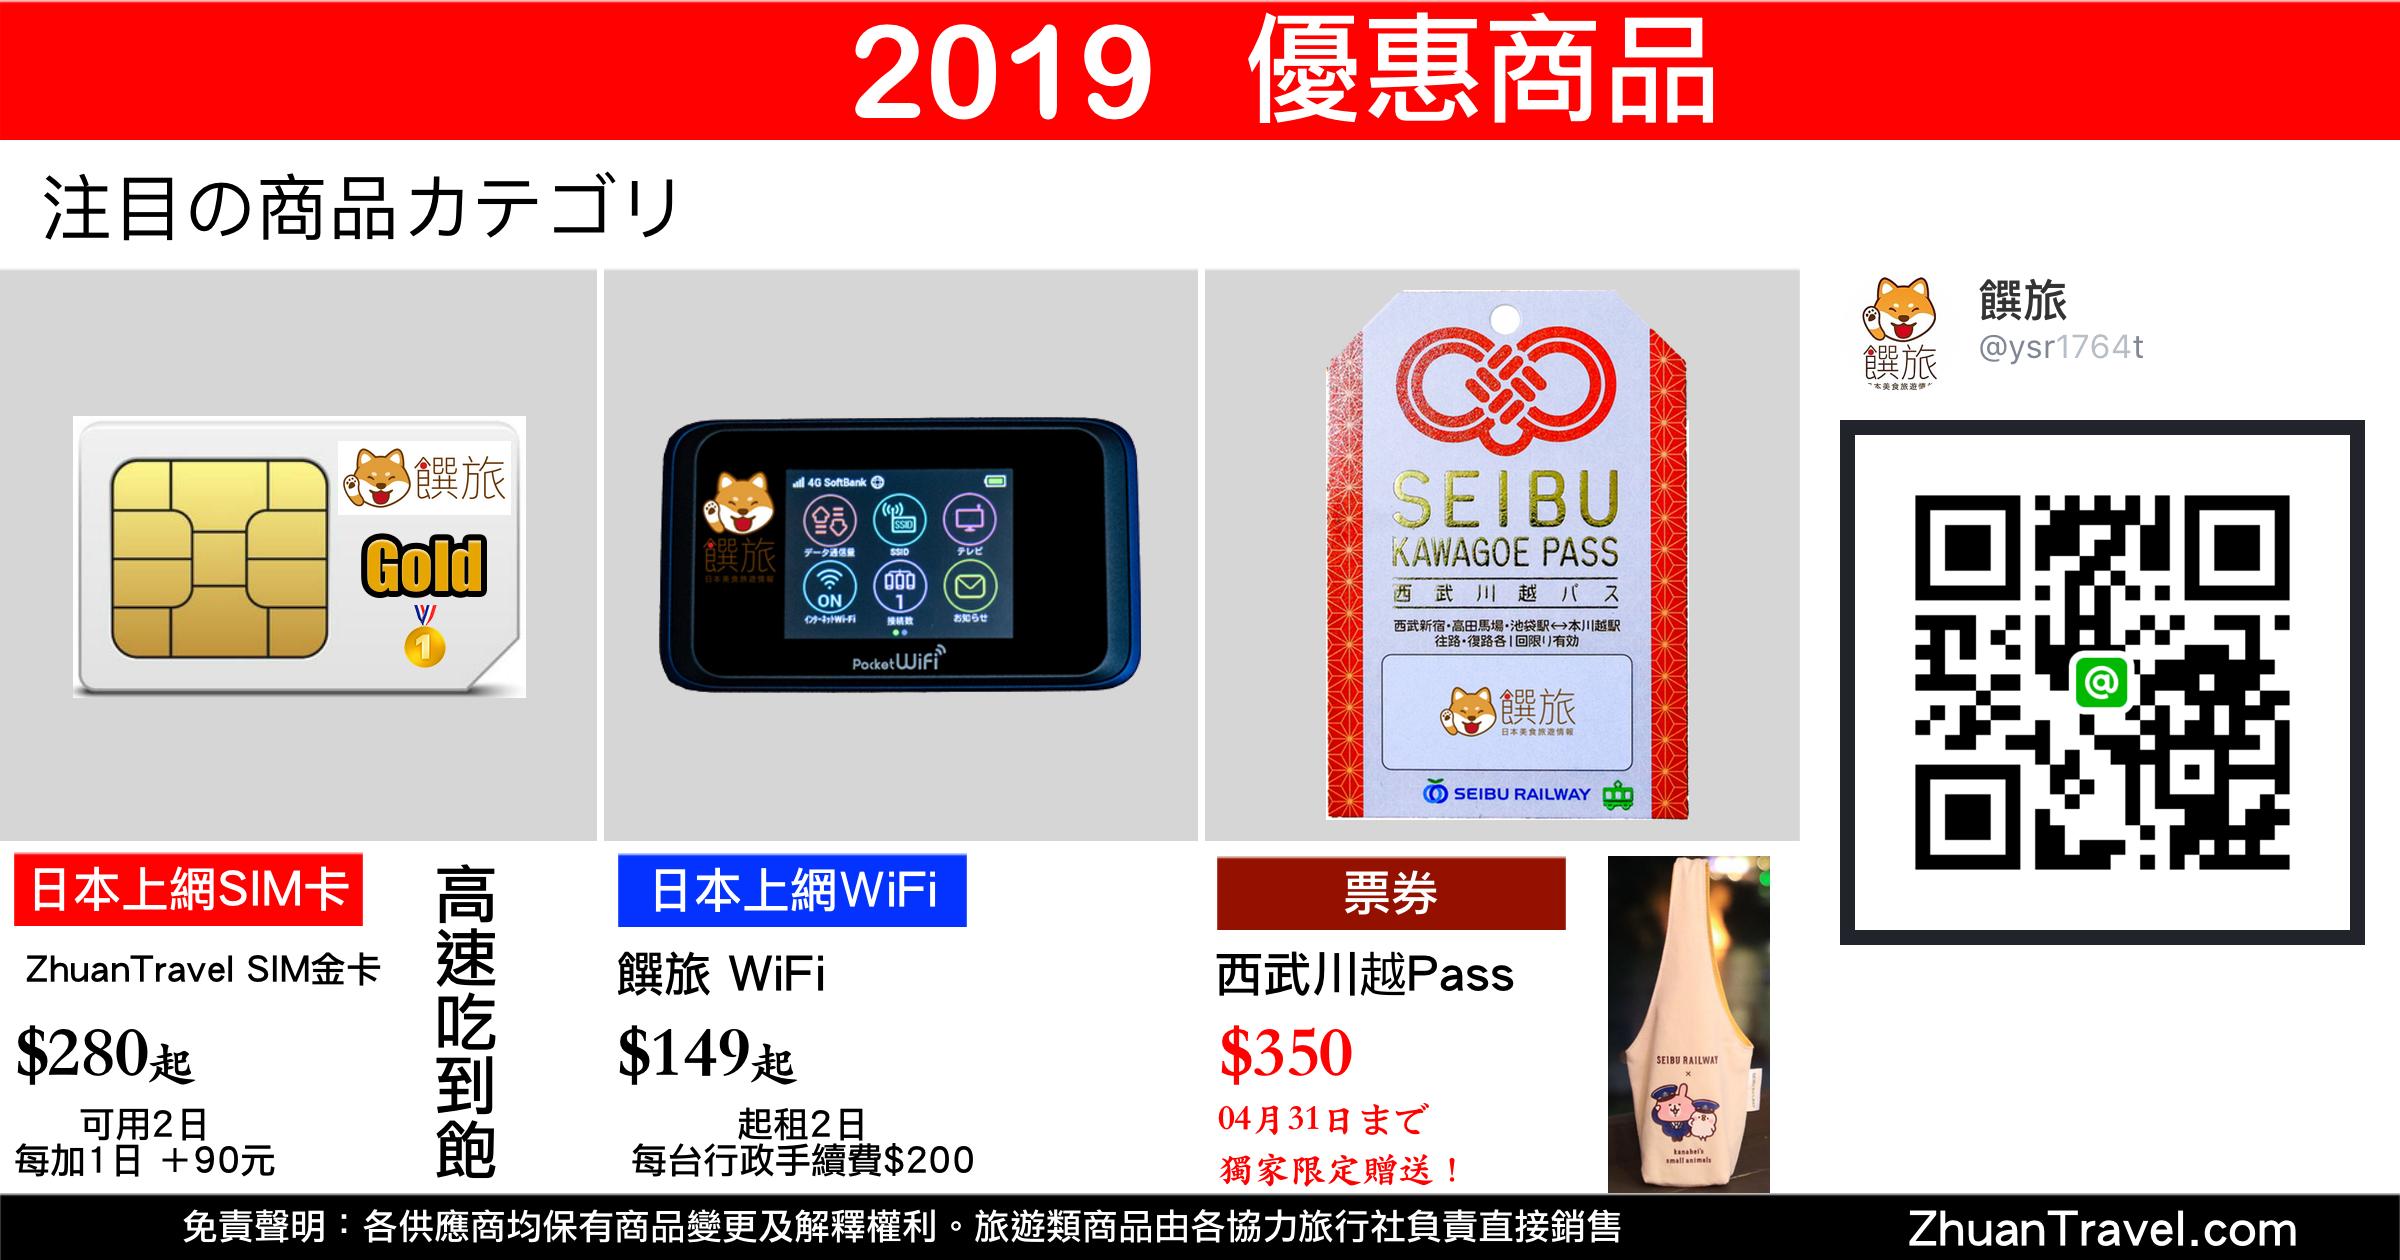 2019 優惠商品 饌旅